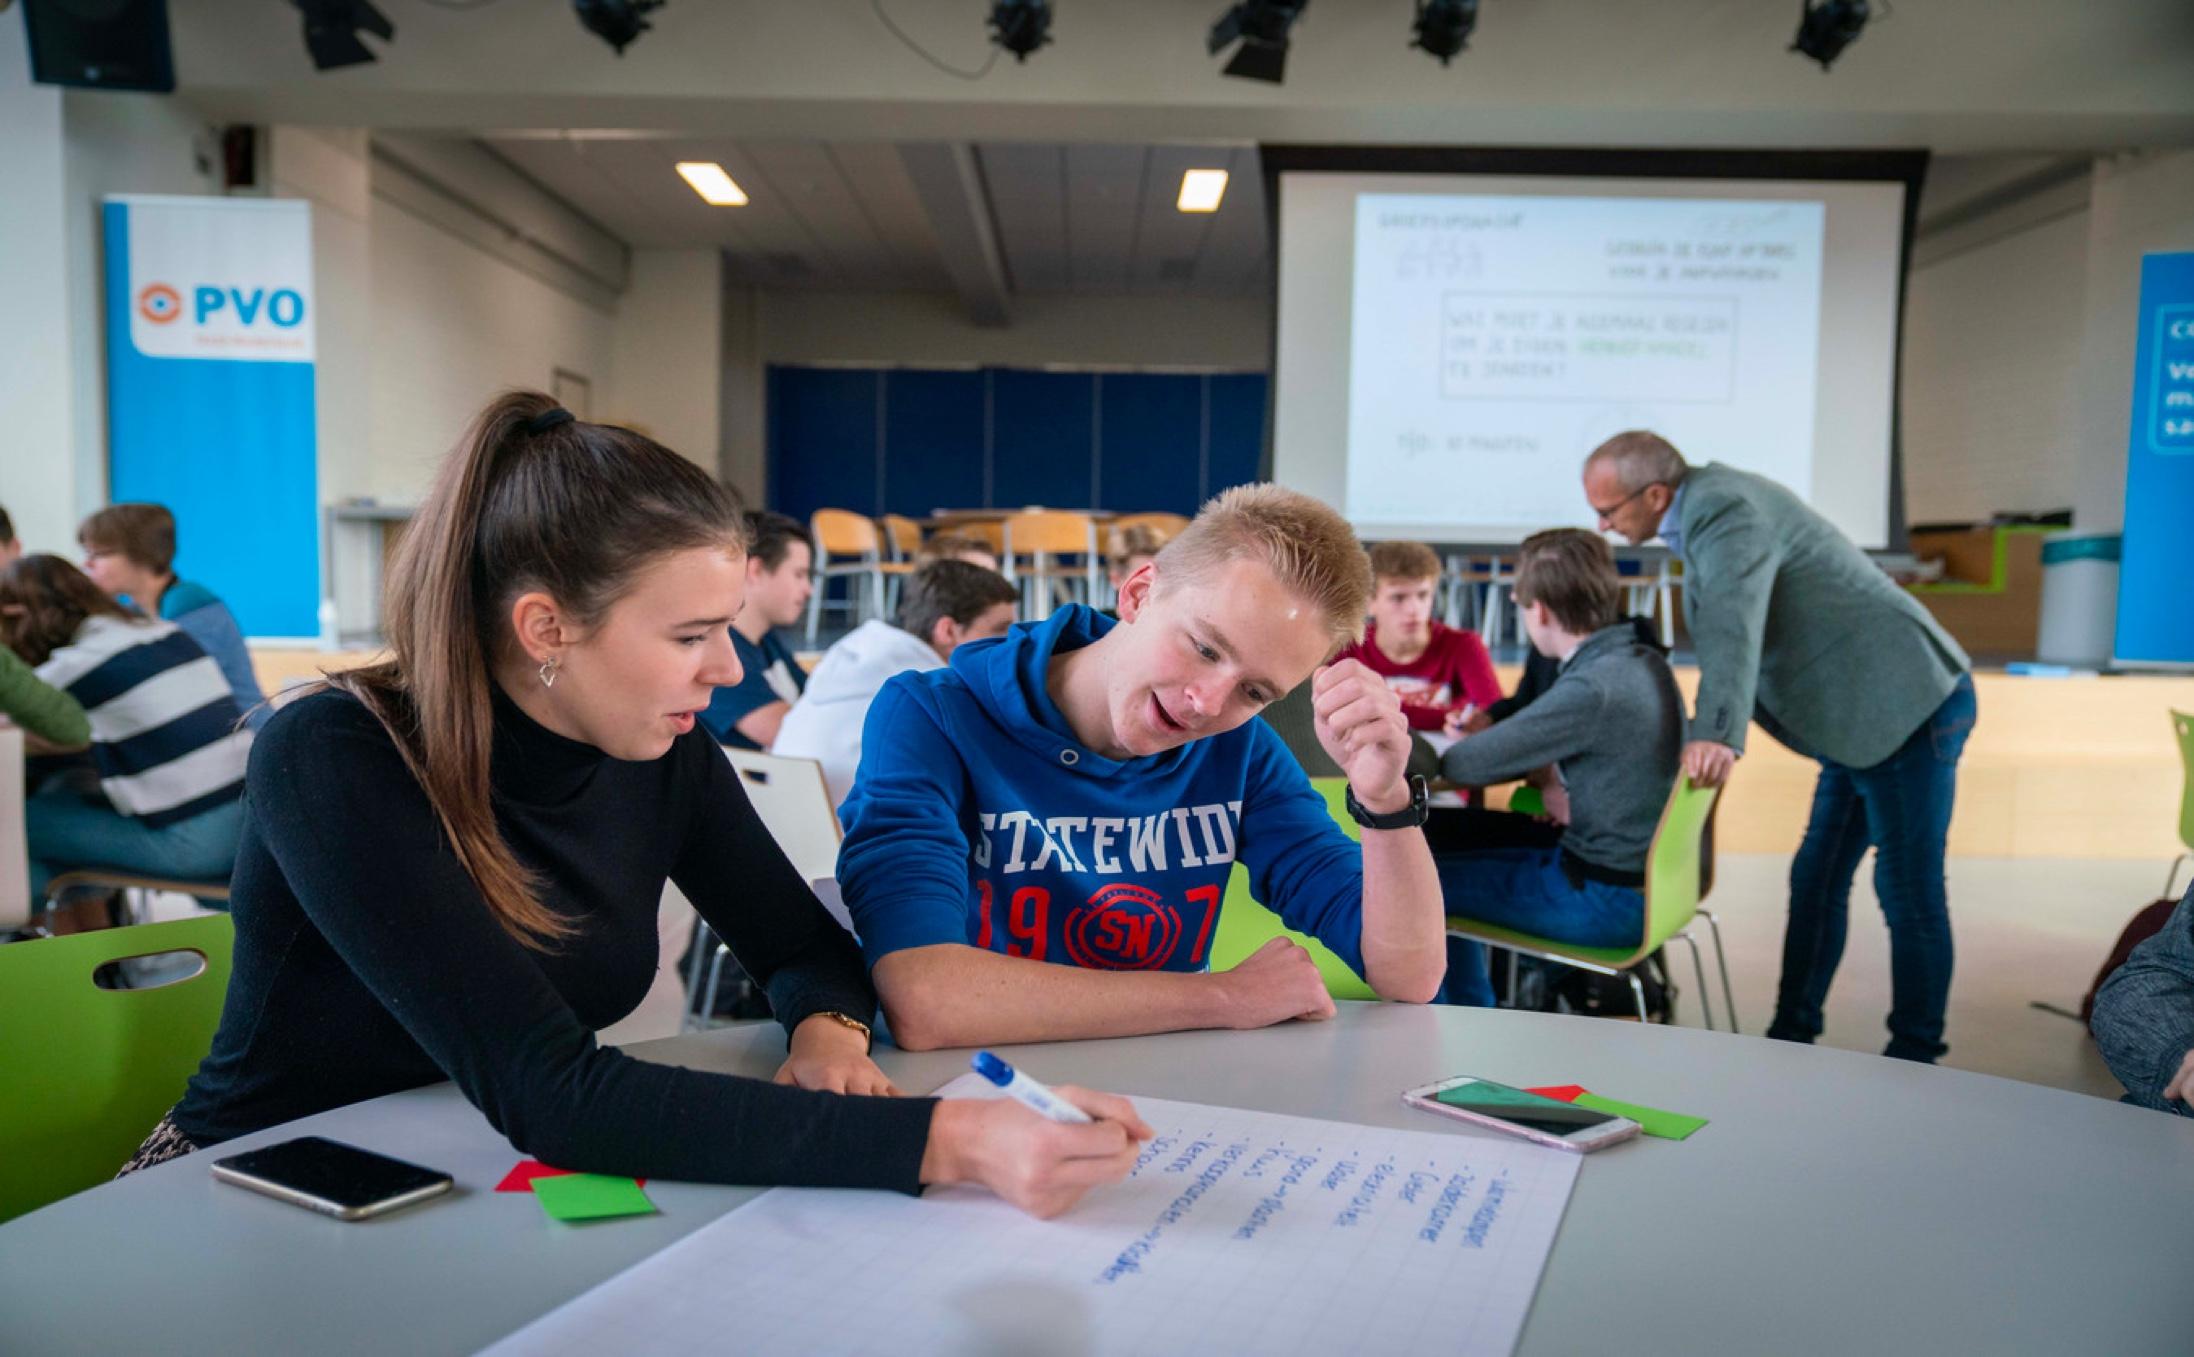 Tijdens de les in Zetten van leerlingalert is de foto gemaakt van leerlingen aan het werk